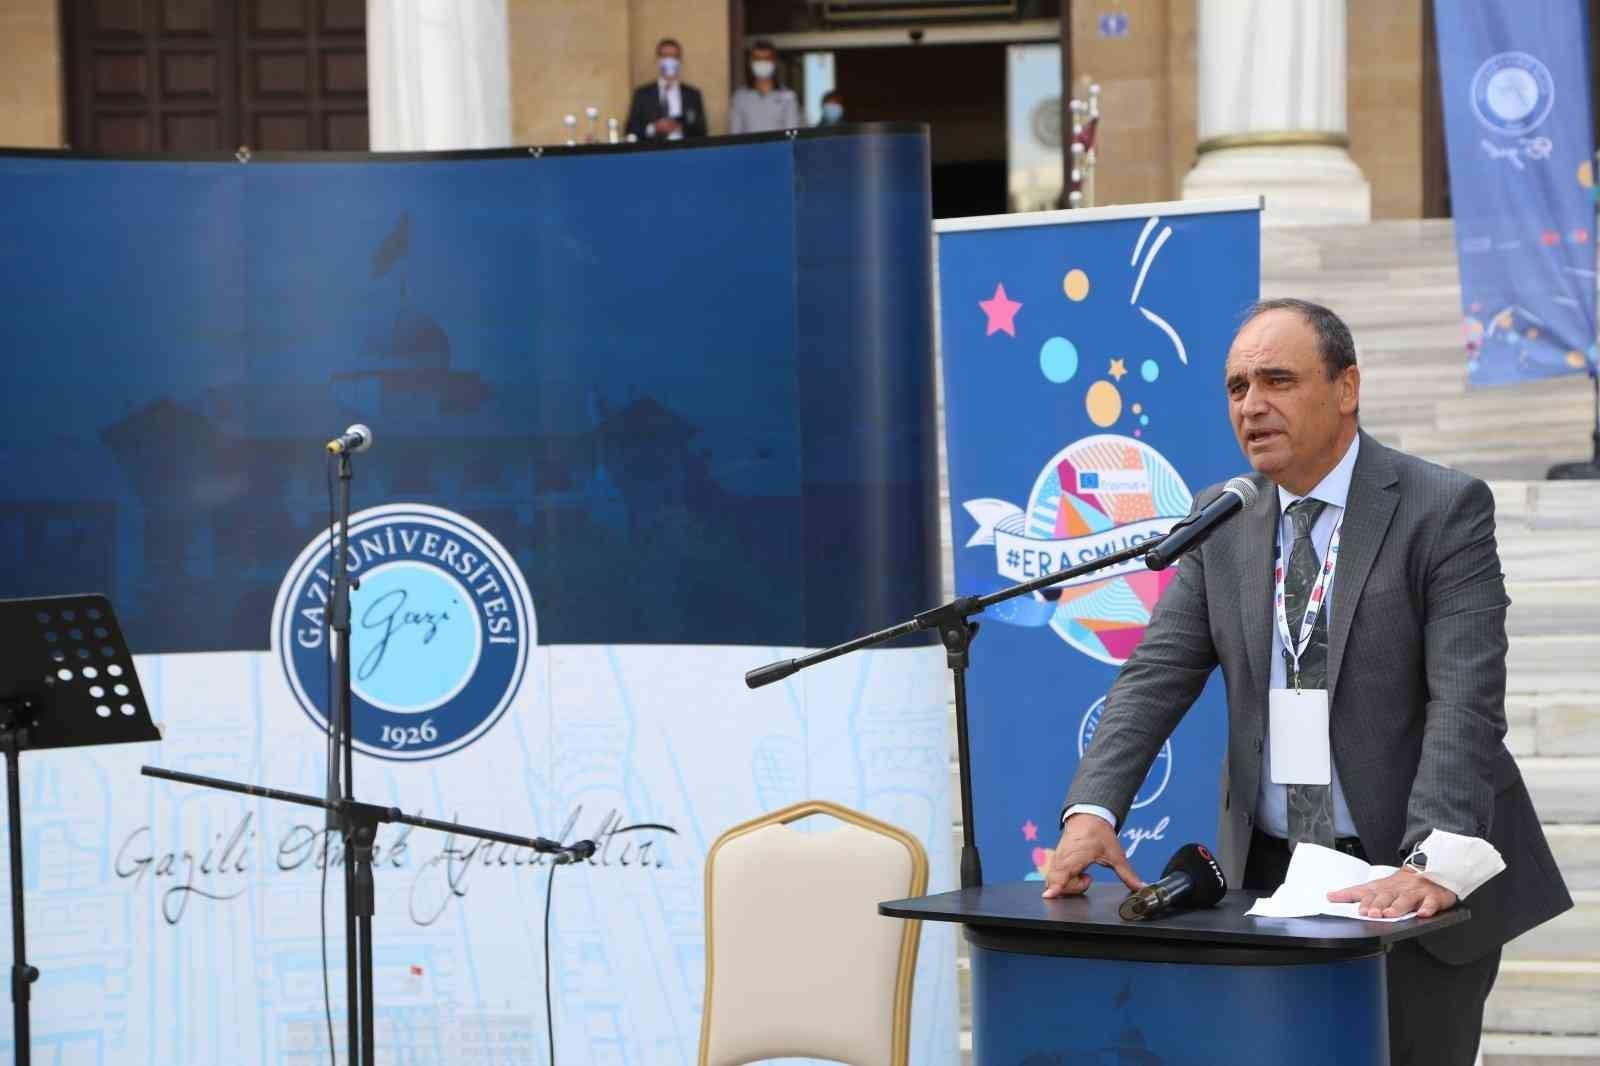 Gazi Üniversitesi'nde Erasmus Günleri